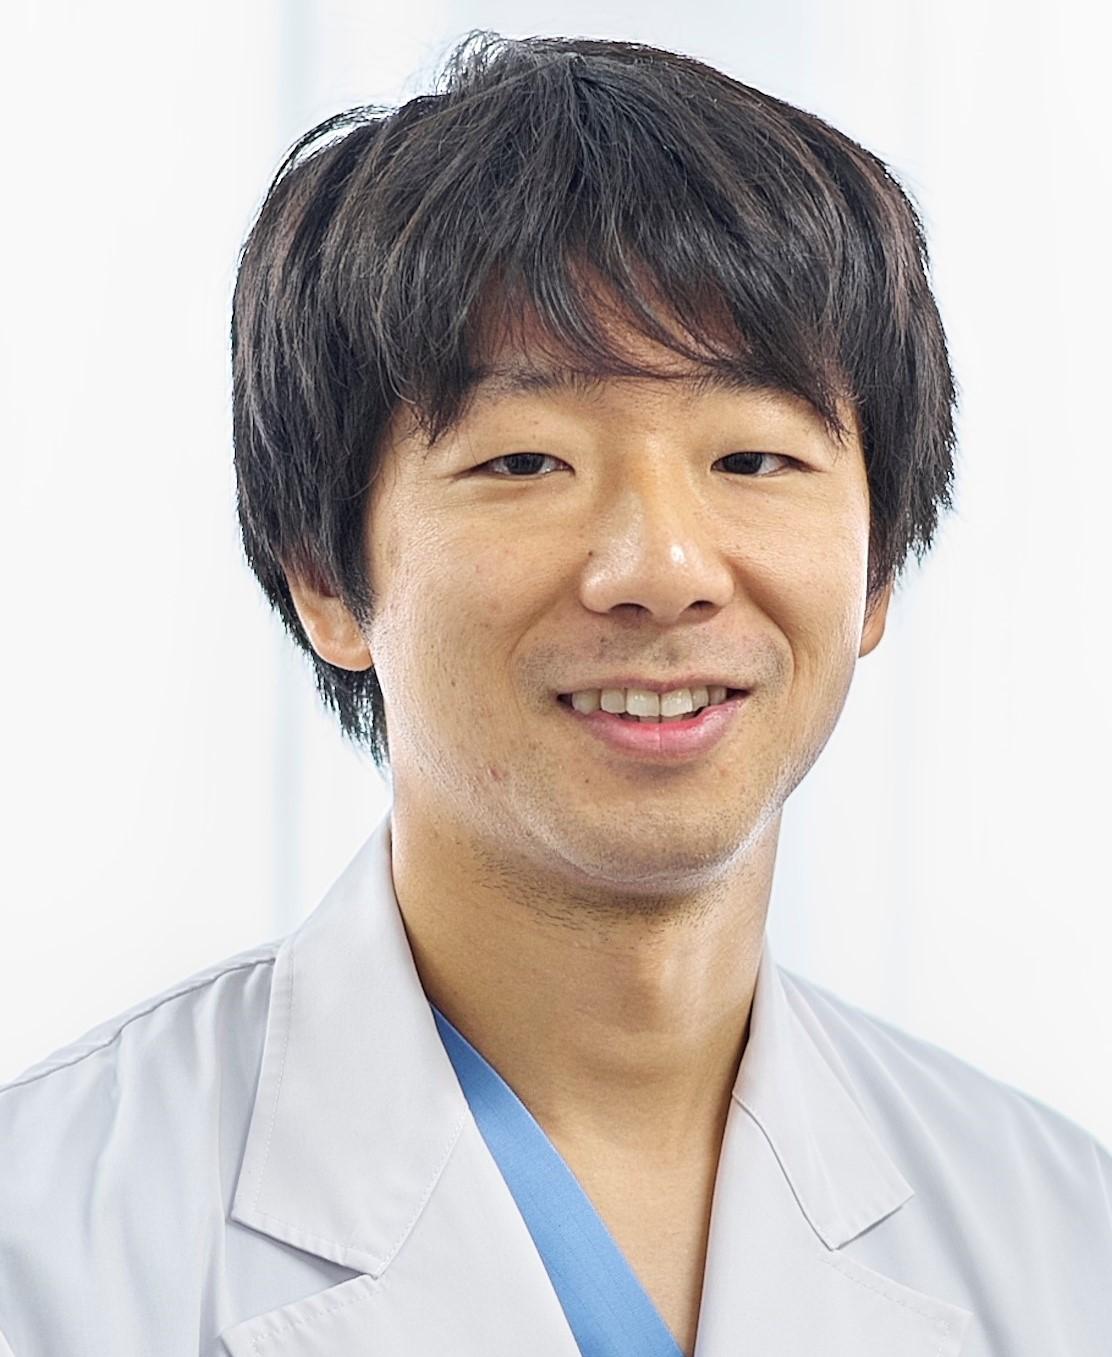 外傷 伊澤Dr.jpg